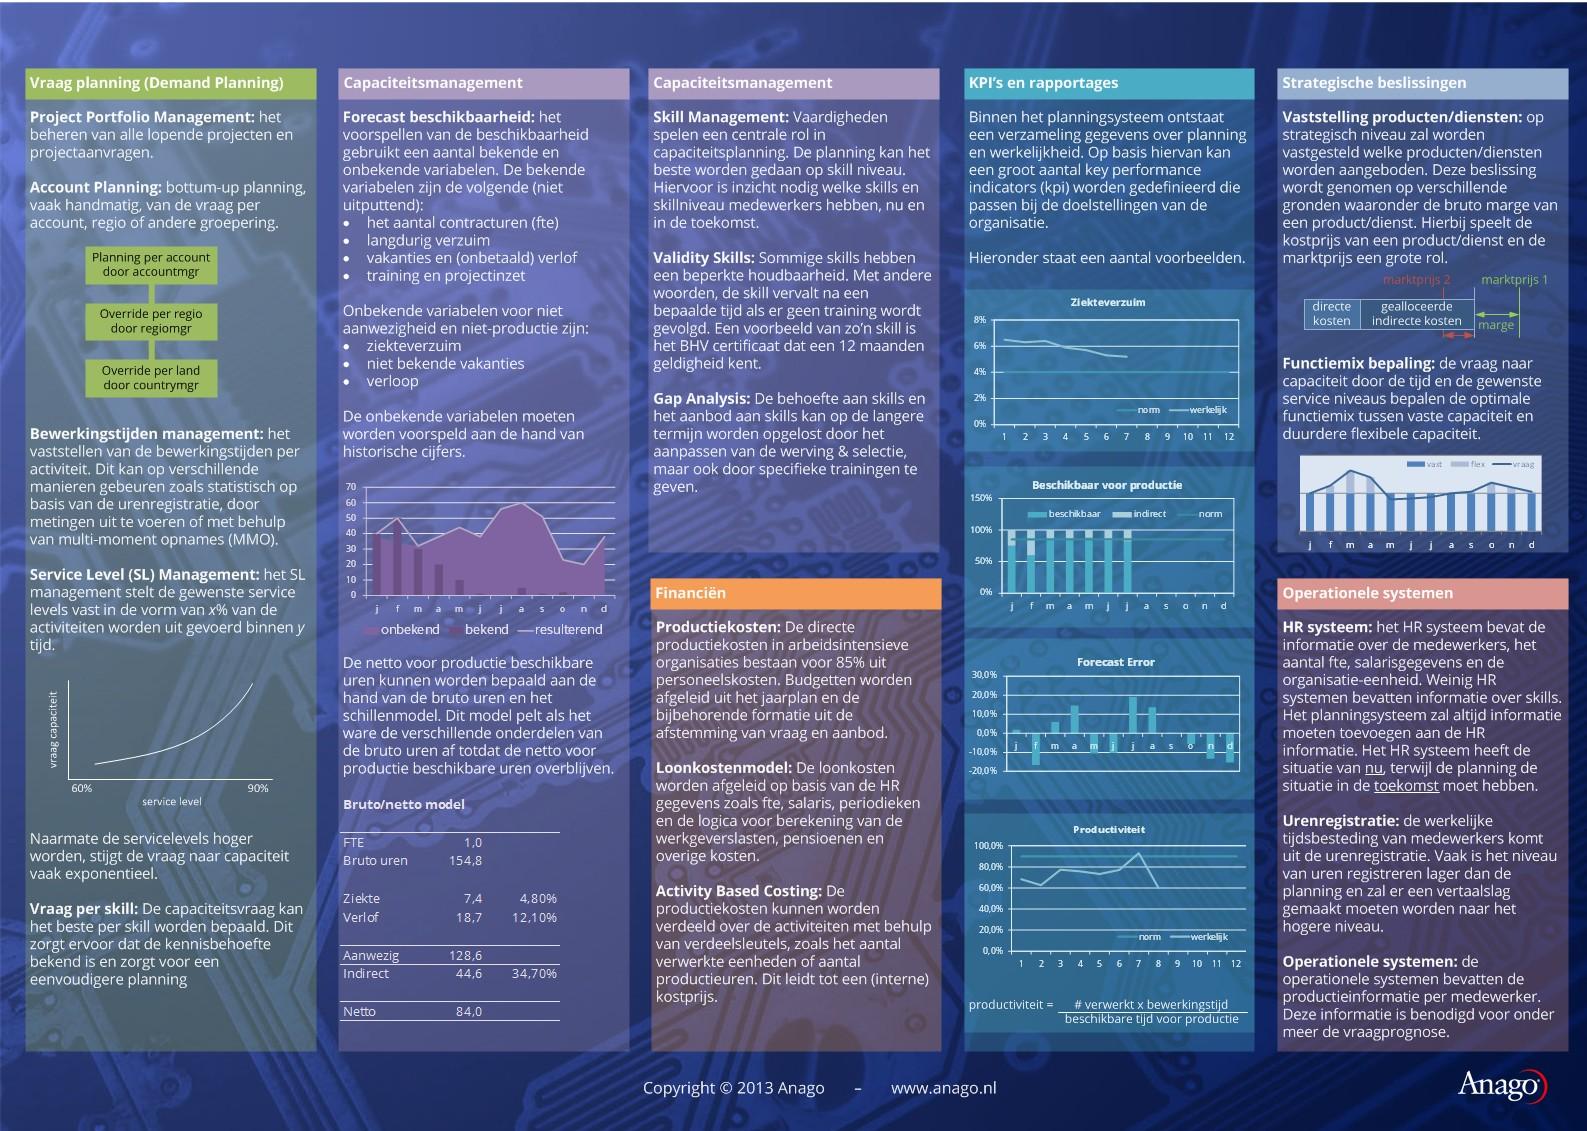 Blauwdruk Capaciteitsplanning deel 2